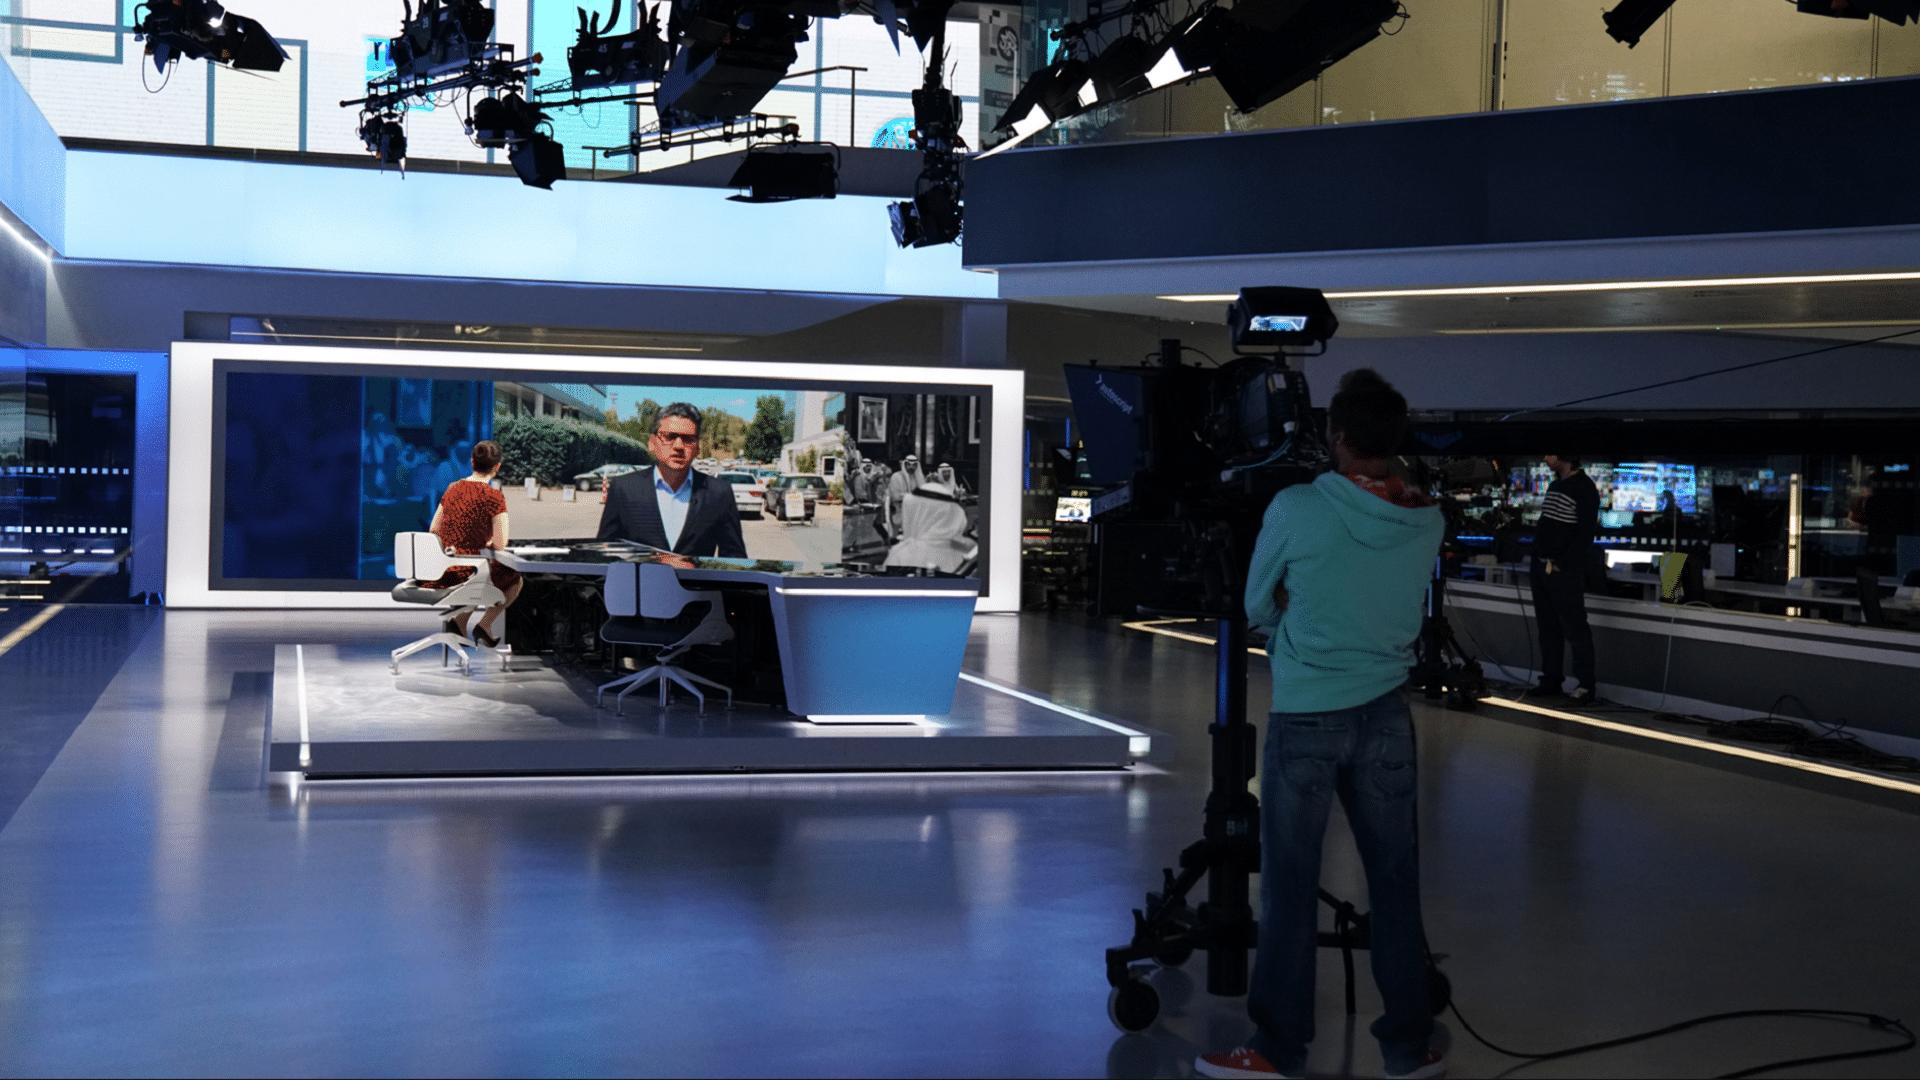 إشادة كبيرة بتغطية التلفزيون العربي والجزيرة لأحداث فلسطين فأين العربية وسكاي نيوز ؟!